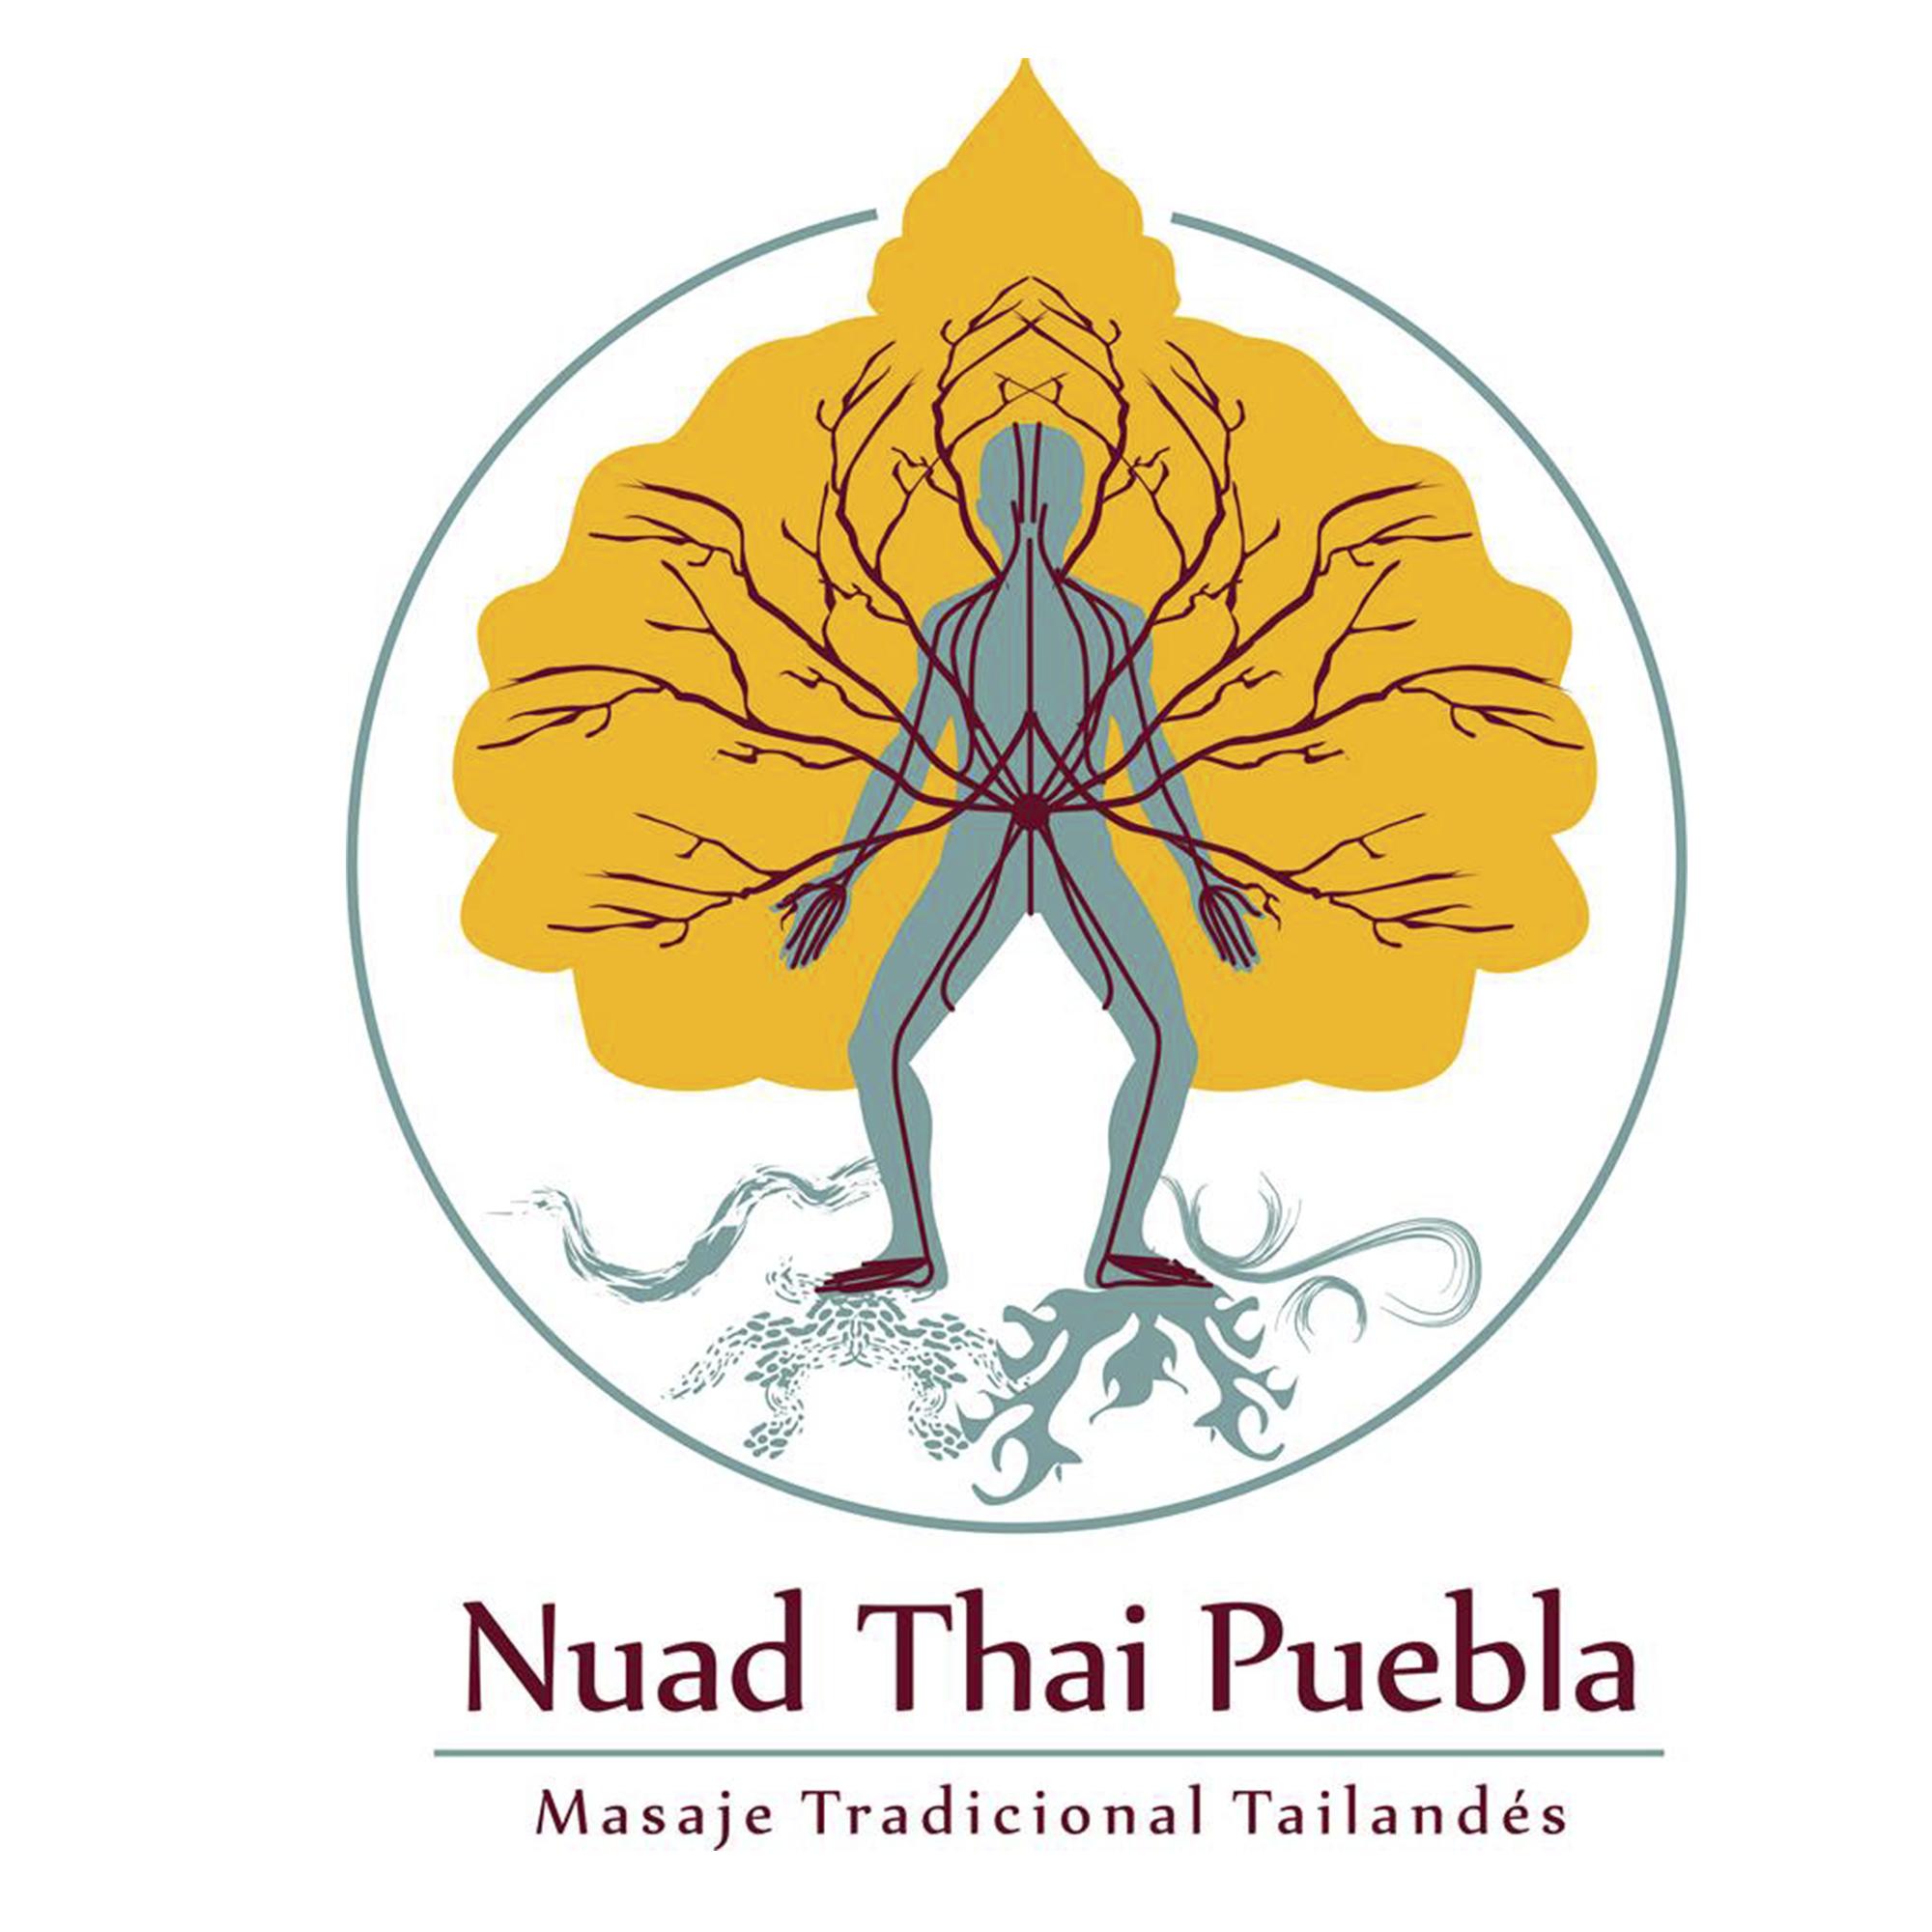 Nuad thai Puebla